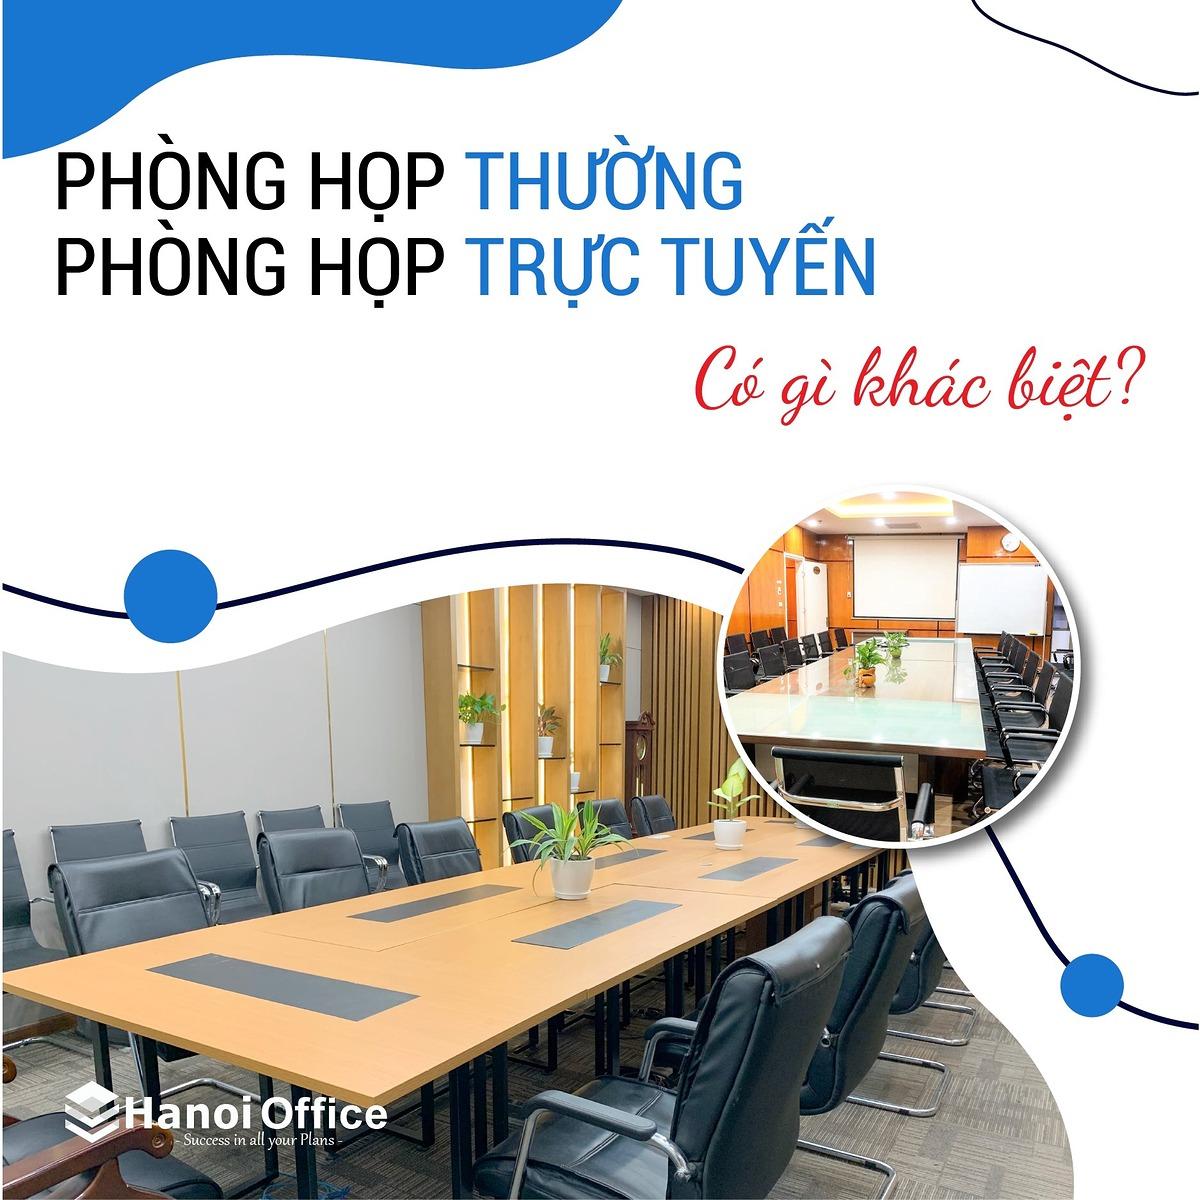 Dịch vụ cho thuê Phòng họp và cho thuê Phòng họp trực tuyến Hanoi Office có gì khác biệt?